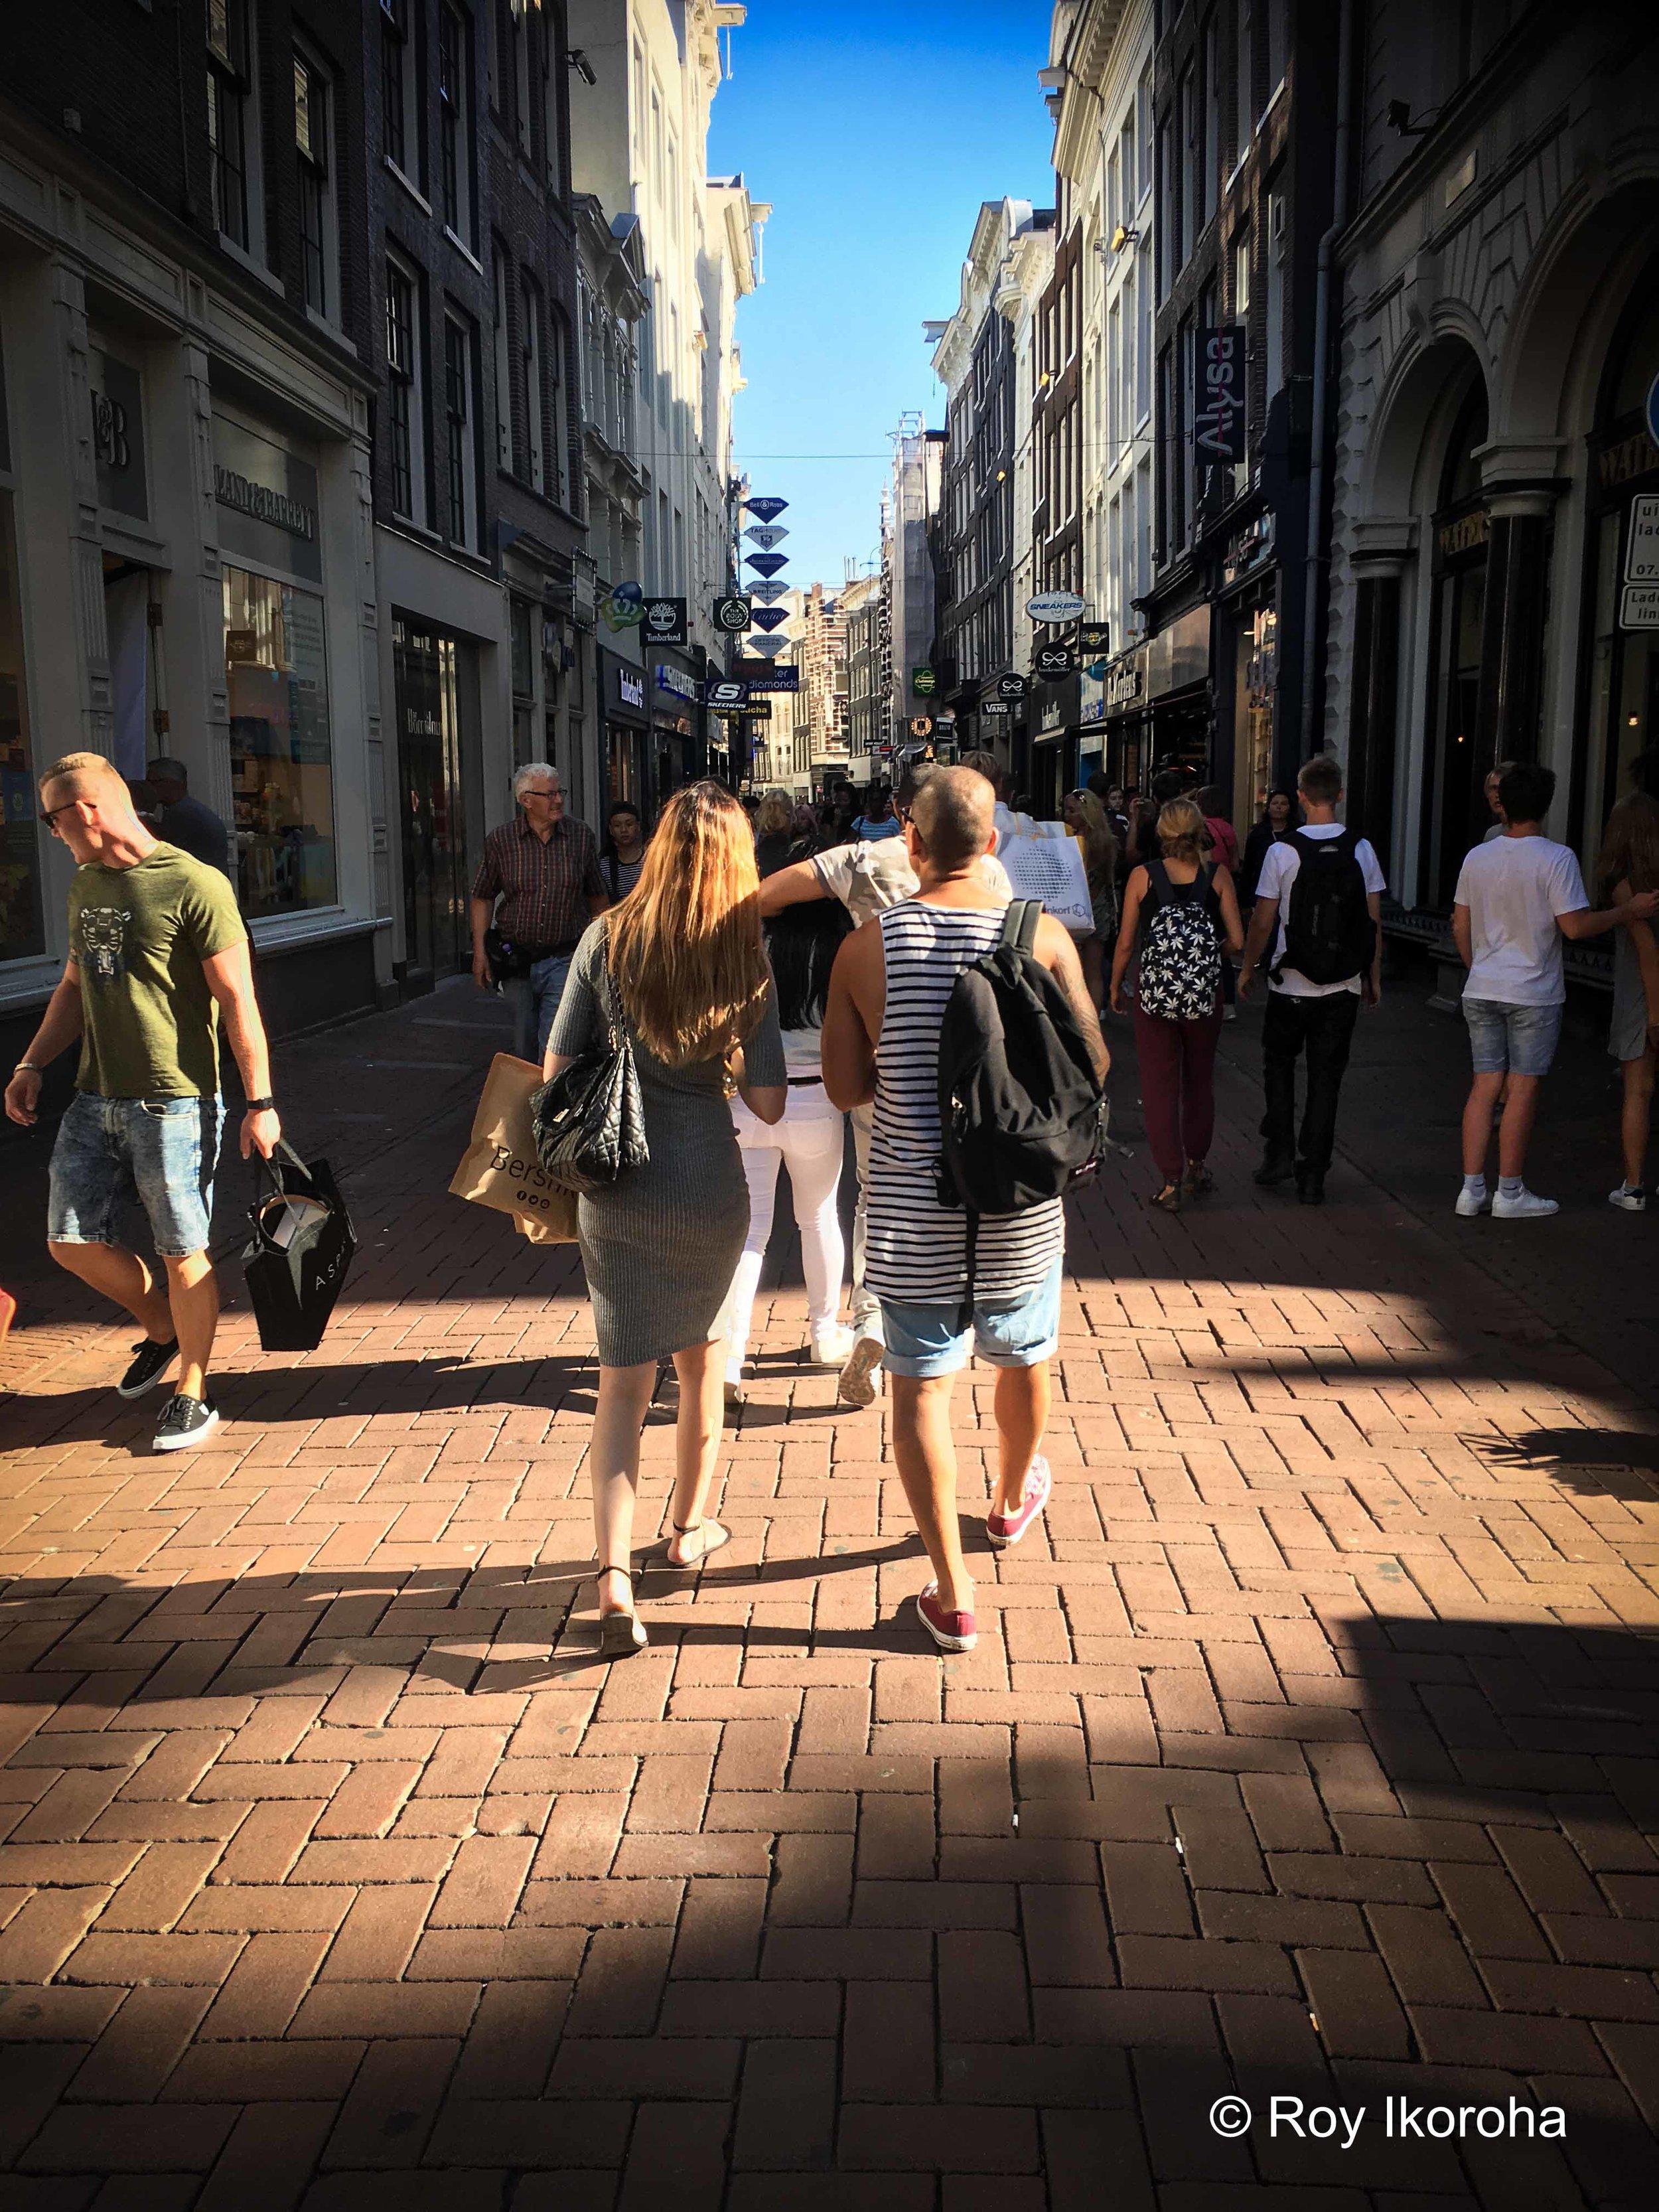 Shop central! Amsterdam, Netherlands